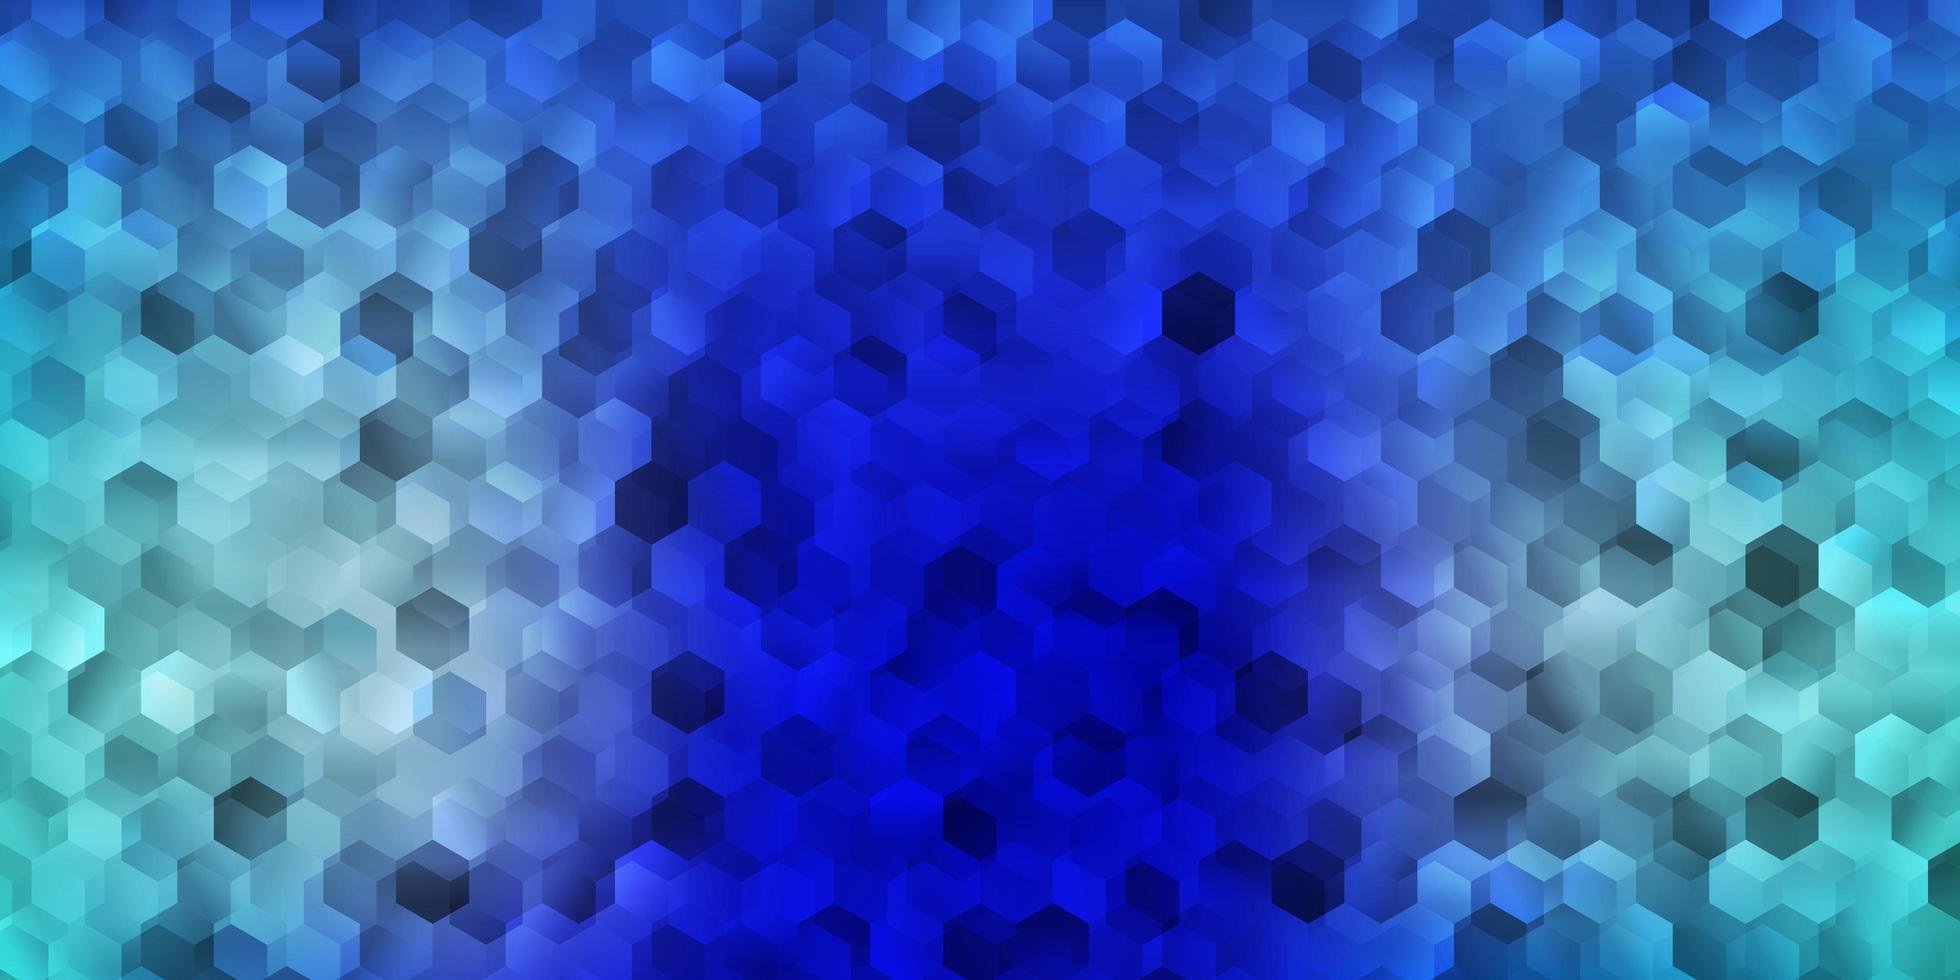 ljusblå vektor bakgrund med kaotiska former.